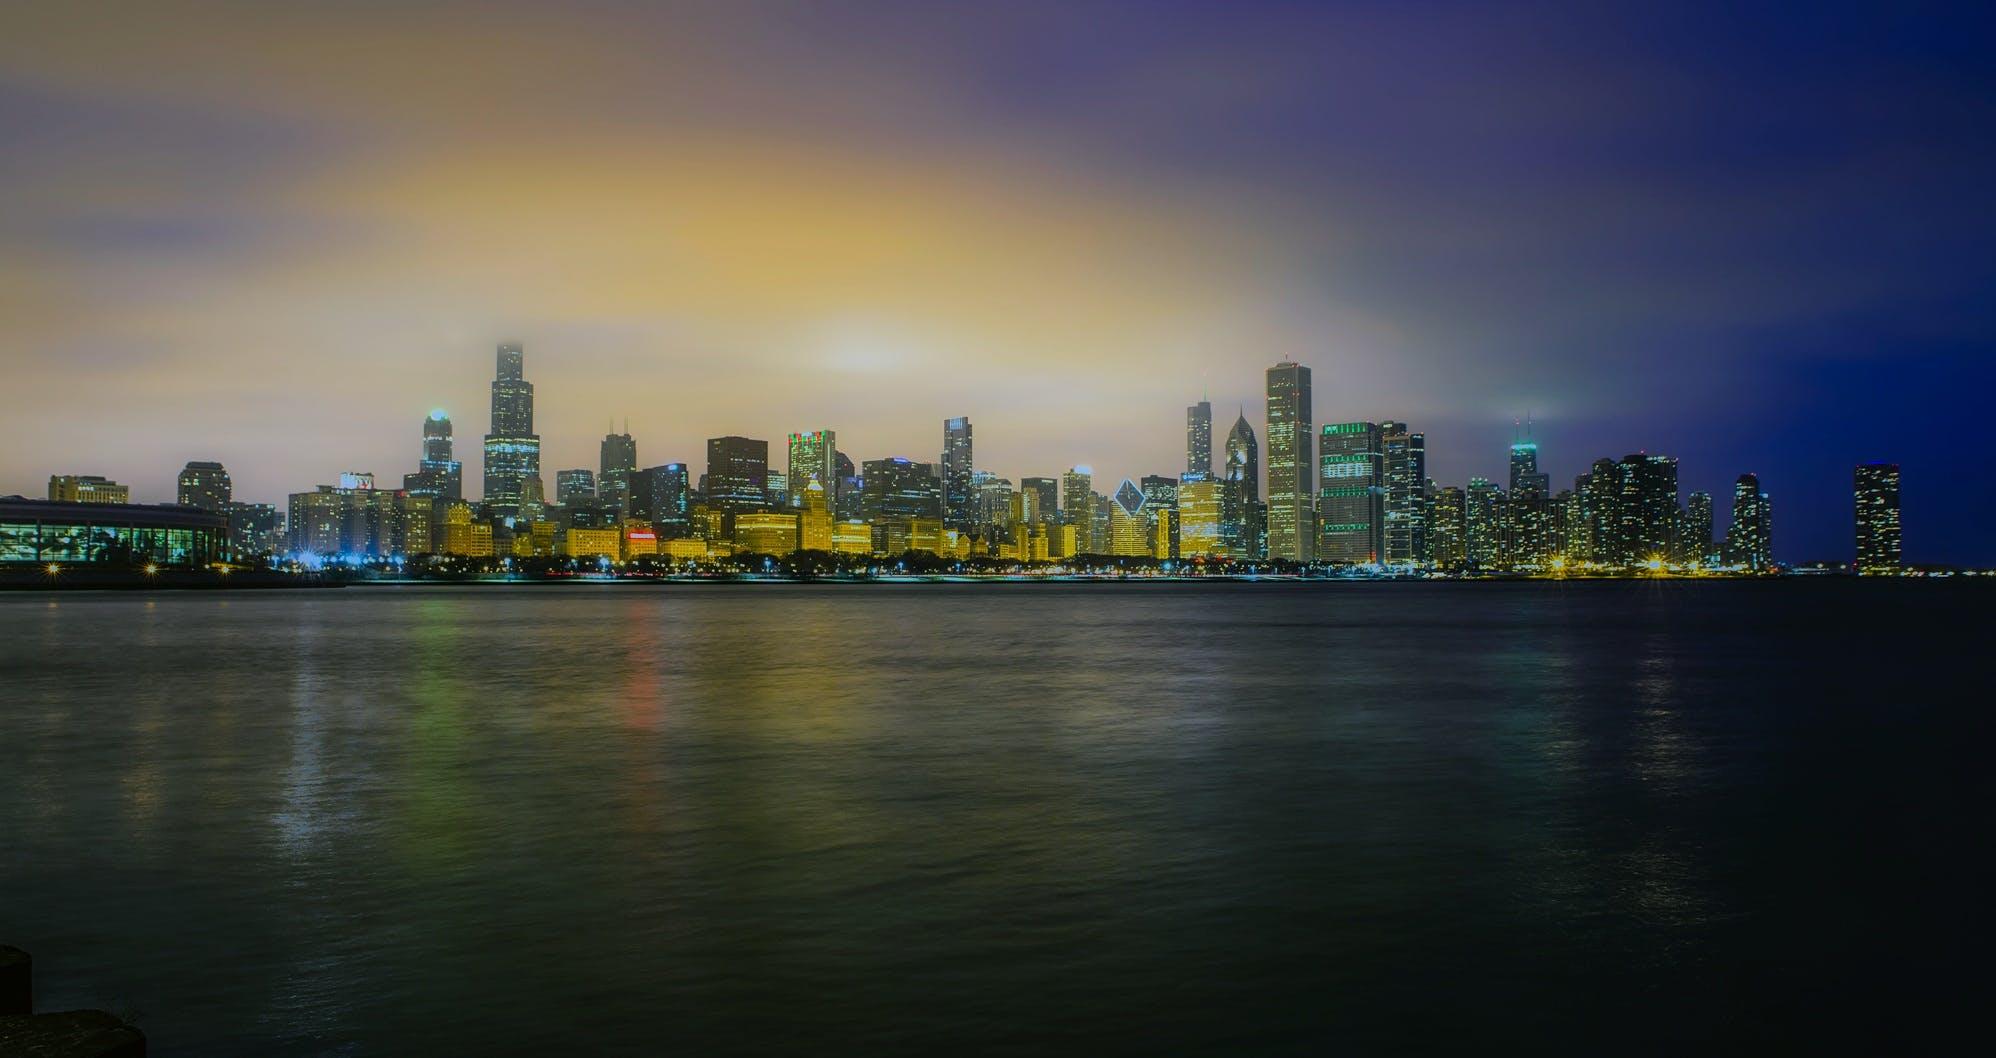 全景, 地標, 城市, 城市的燈光 的 免費圖庫相片